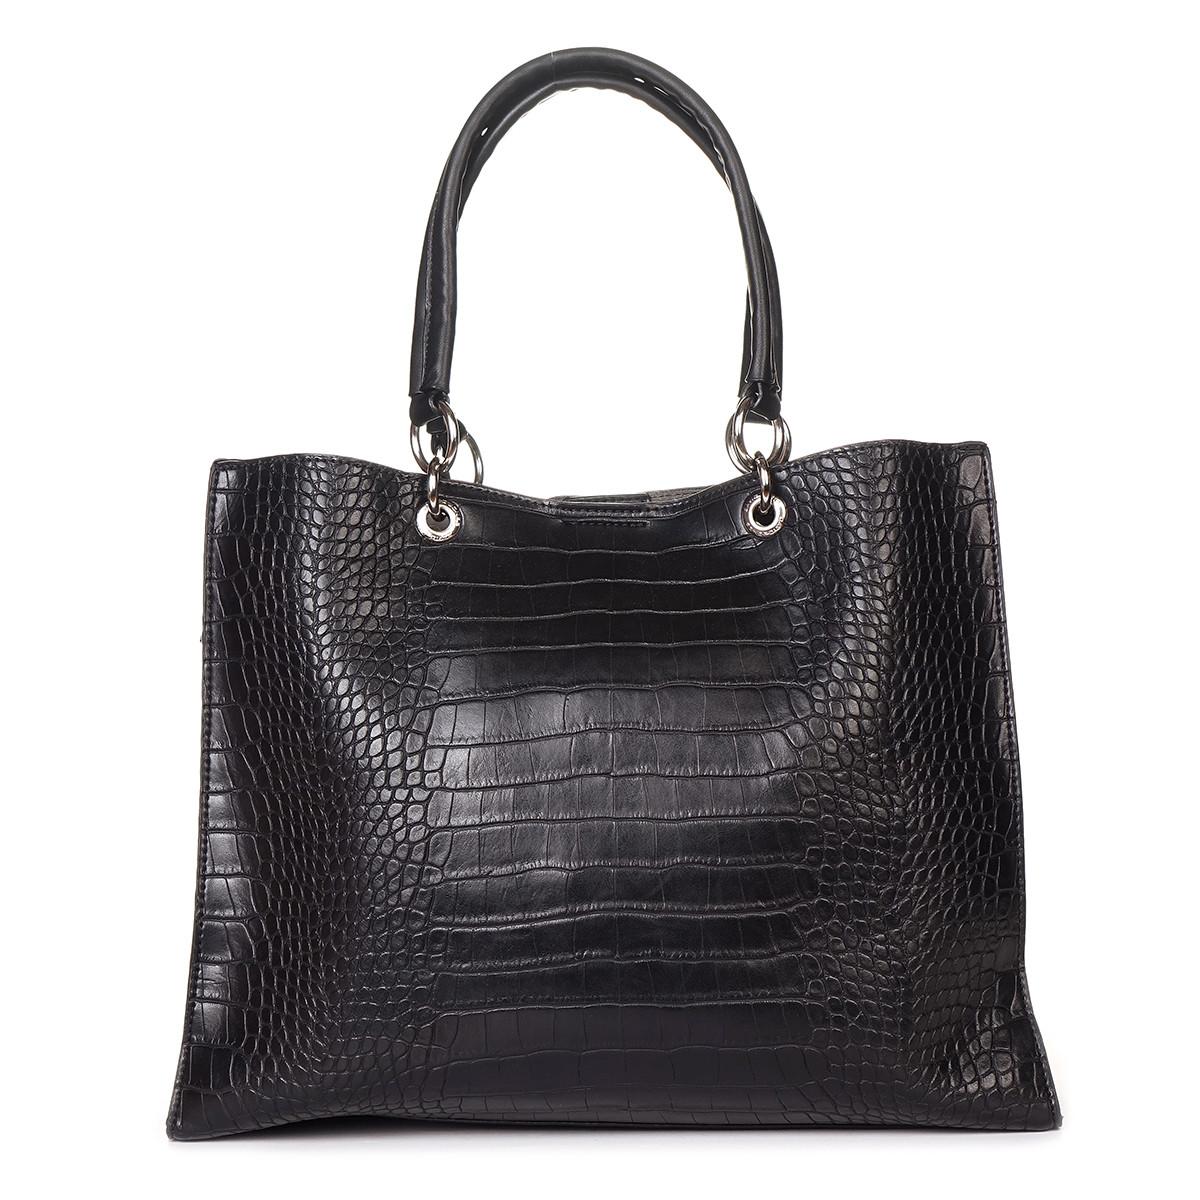 сумки рюкзаки женские david jones дэвид джонс интернет магазин ... acbf3ead72b